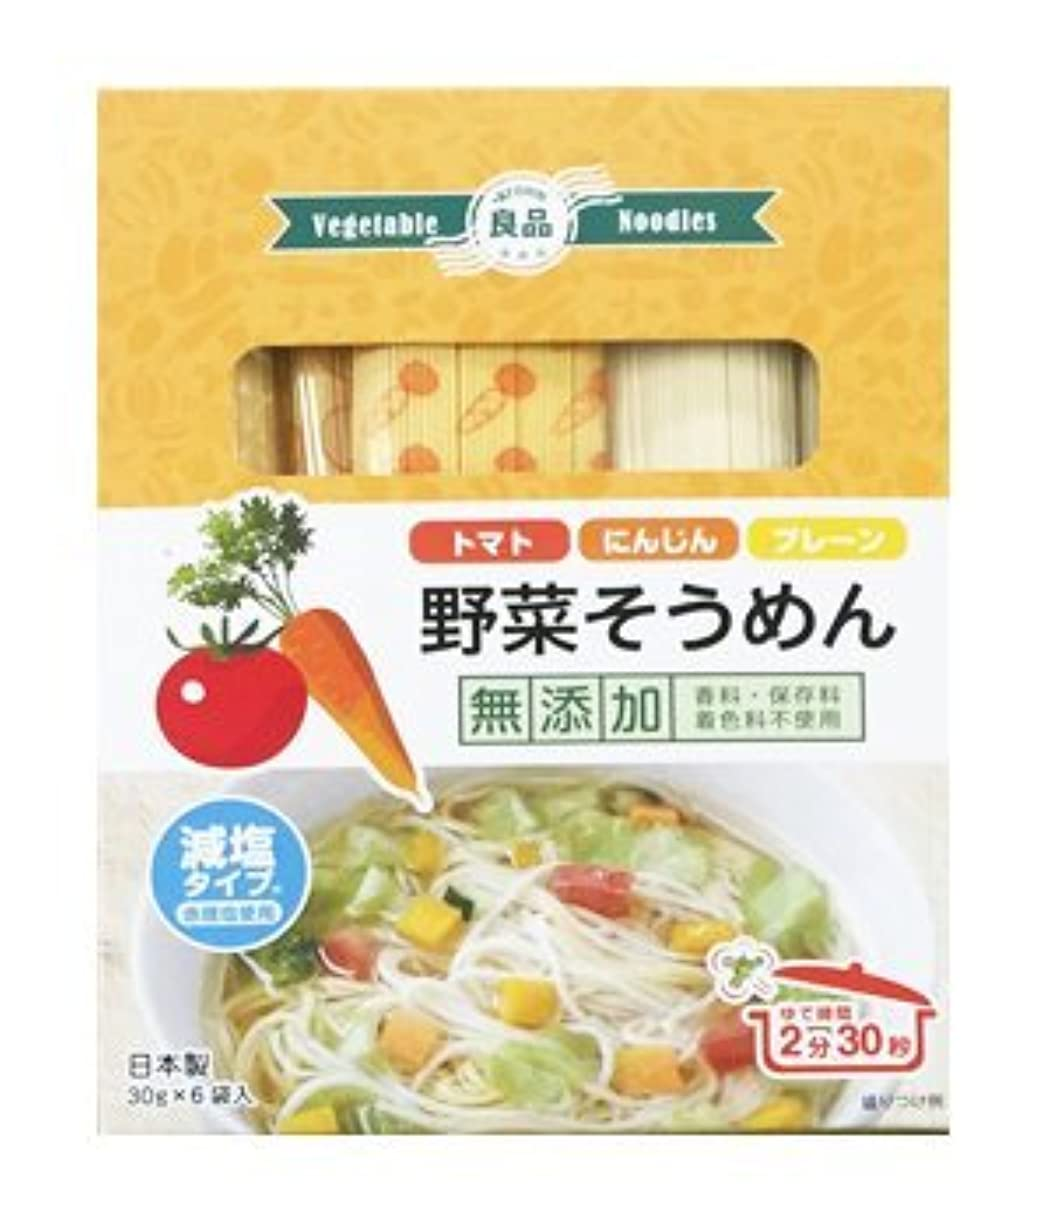 退屈な砂漠傭兵良品 野菜そうめん(トマト?にんじん?プレーン) 30g×6袋入